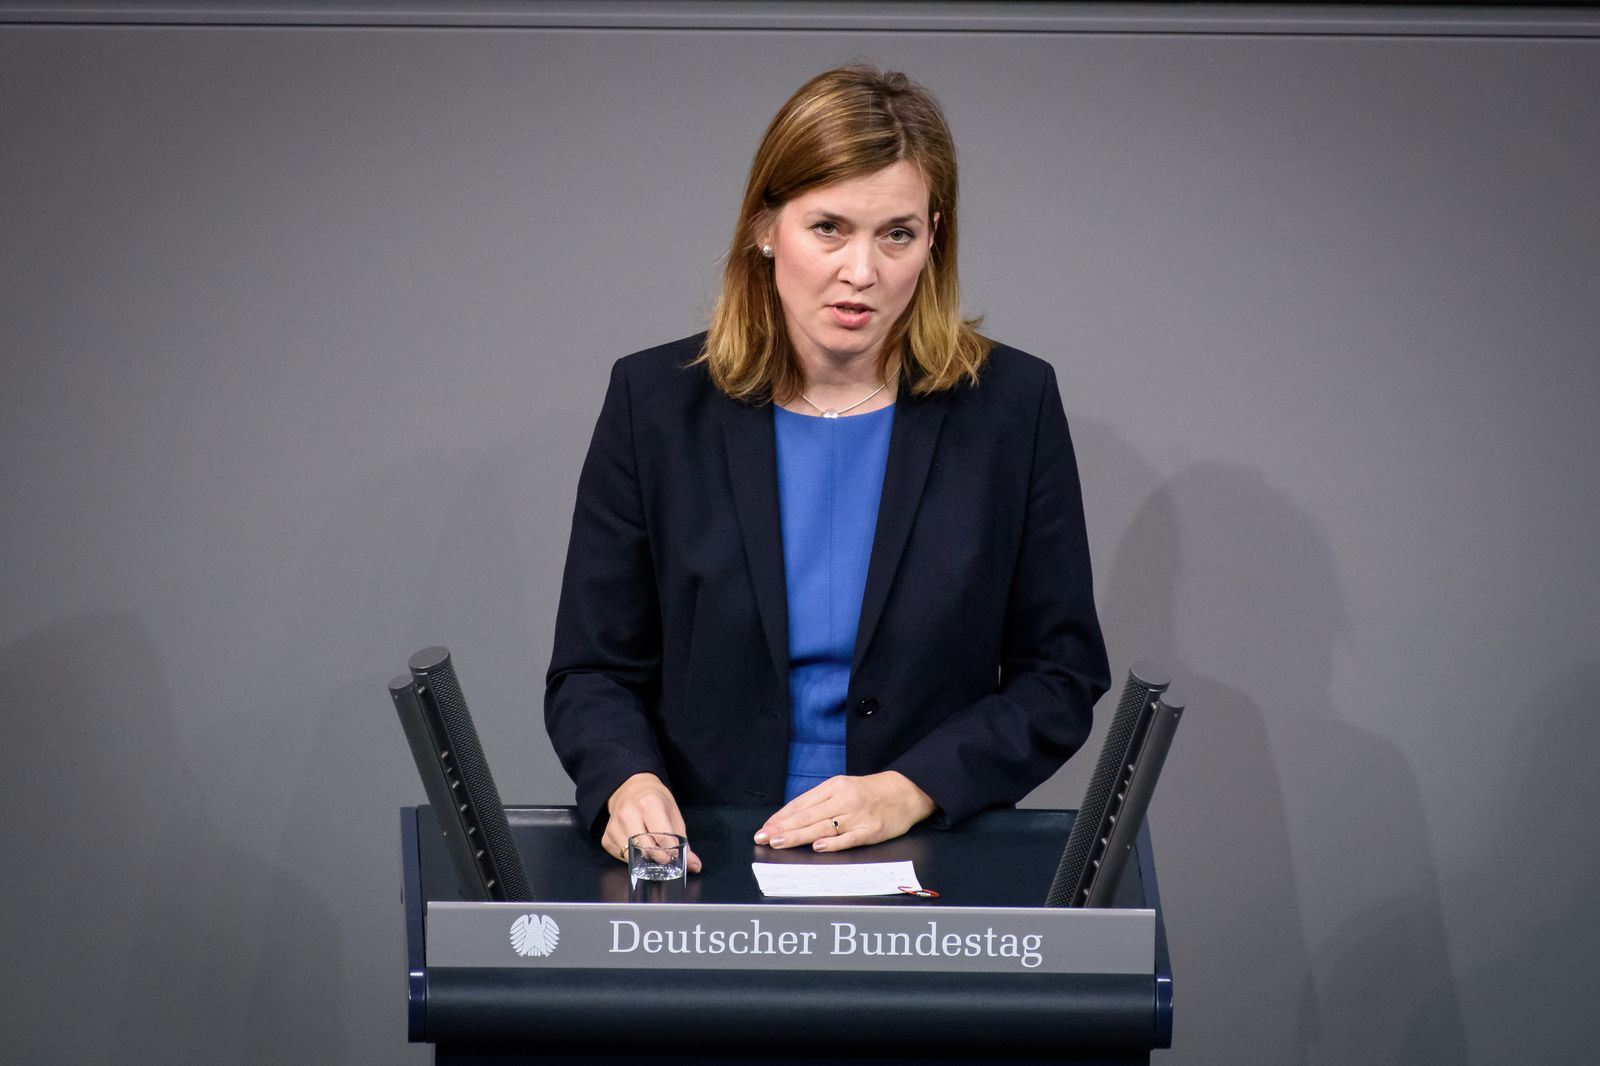 Berlin, Plenarsitzung im Bundestag Deutschland, Berlin - 27.11.2019: Im Bild ist Siemtje Möller (spd) während der Sitzu